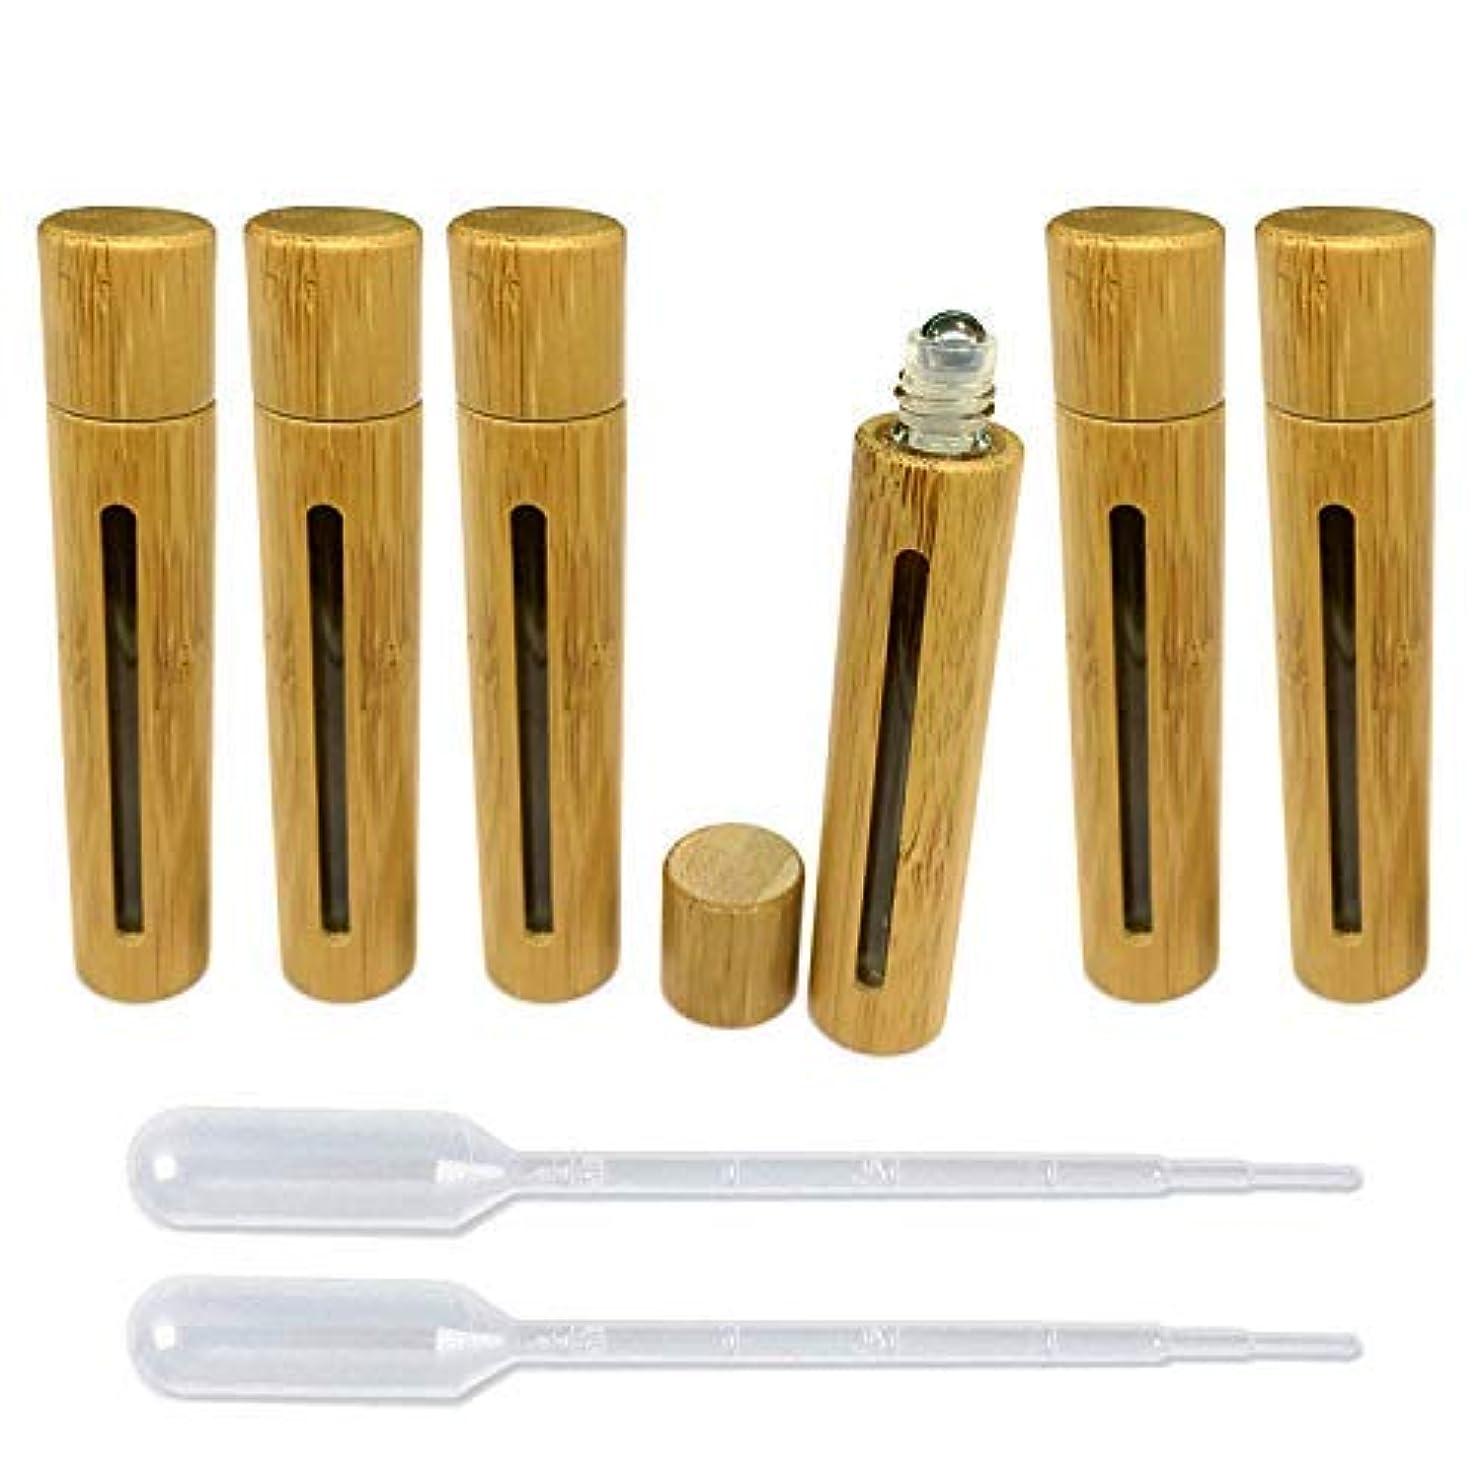 平和無駄だ必要6 Pieces Roll On Bottles 10ml With Hollow Window Bamboo Shell Clear Glass Roller Bottles Empty Refillable Essential...